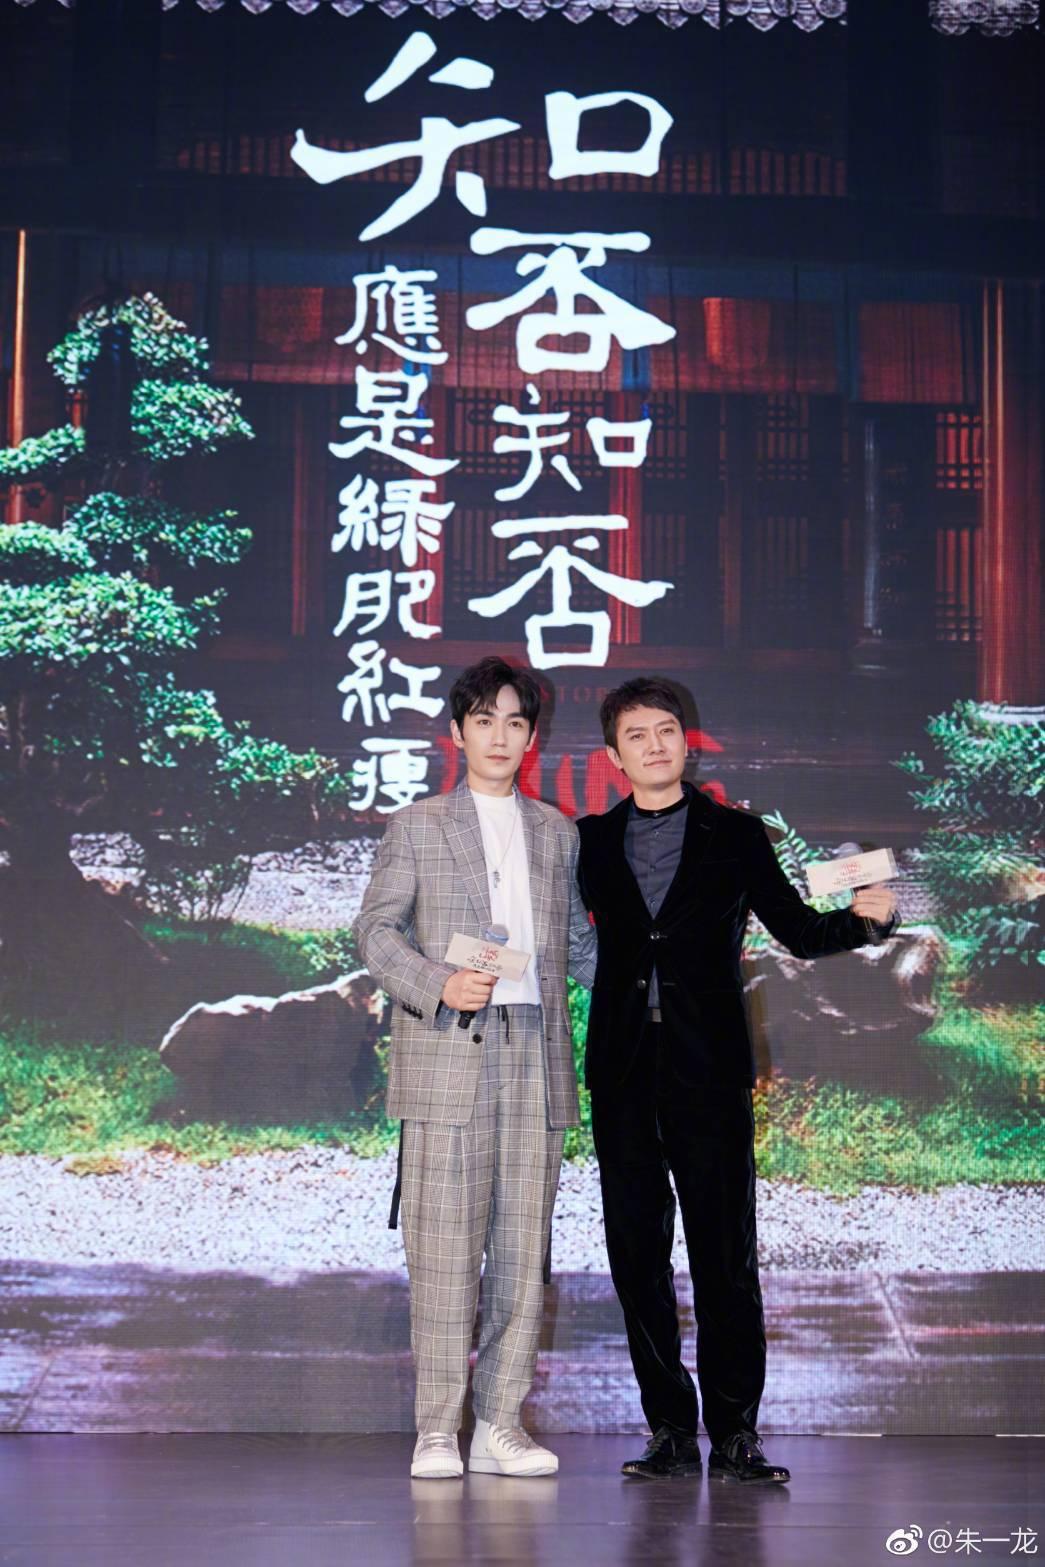 馮紹峰(右)與朱一龍在「知否知否應是綠肥紅瘦」中是情敵關係。圖/摘自微博